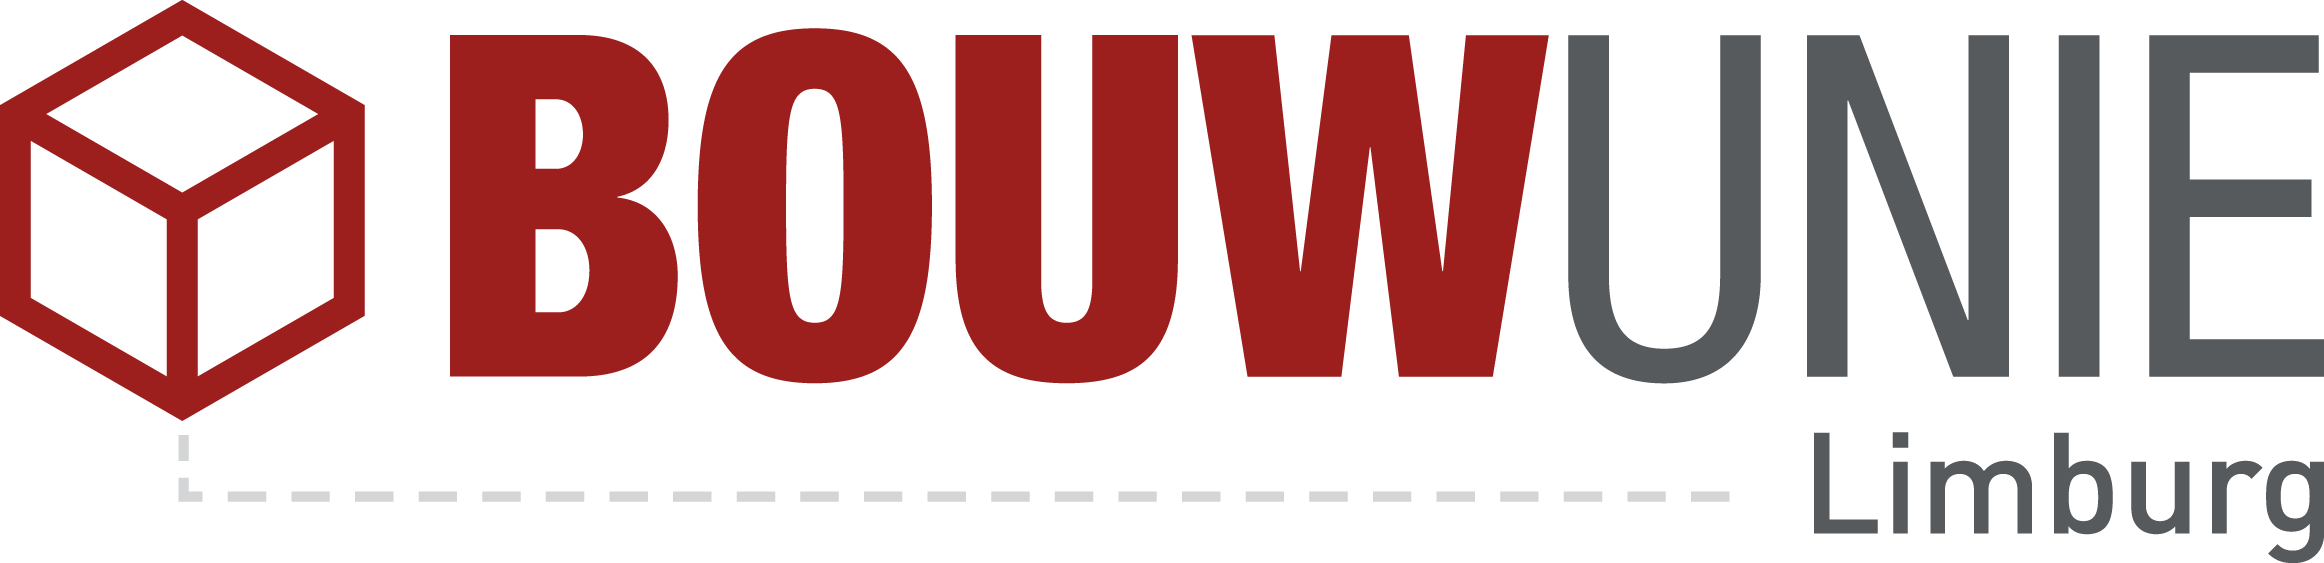 Bouwunie-limburg-logo